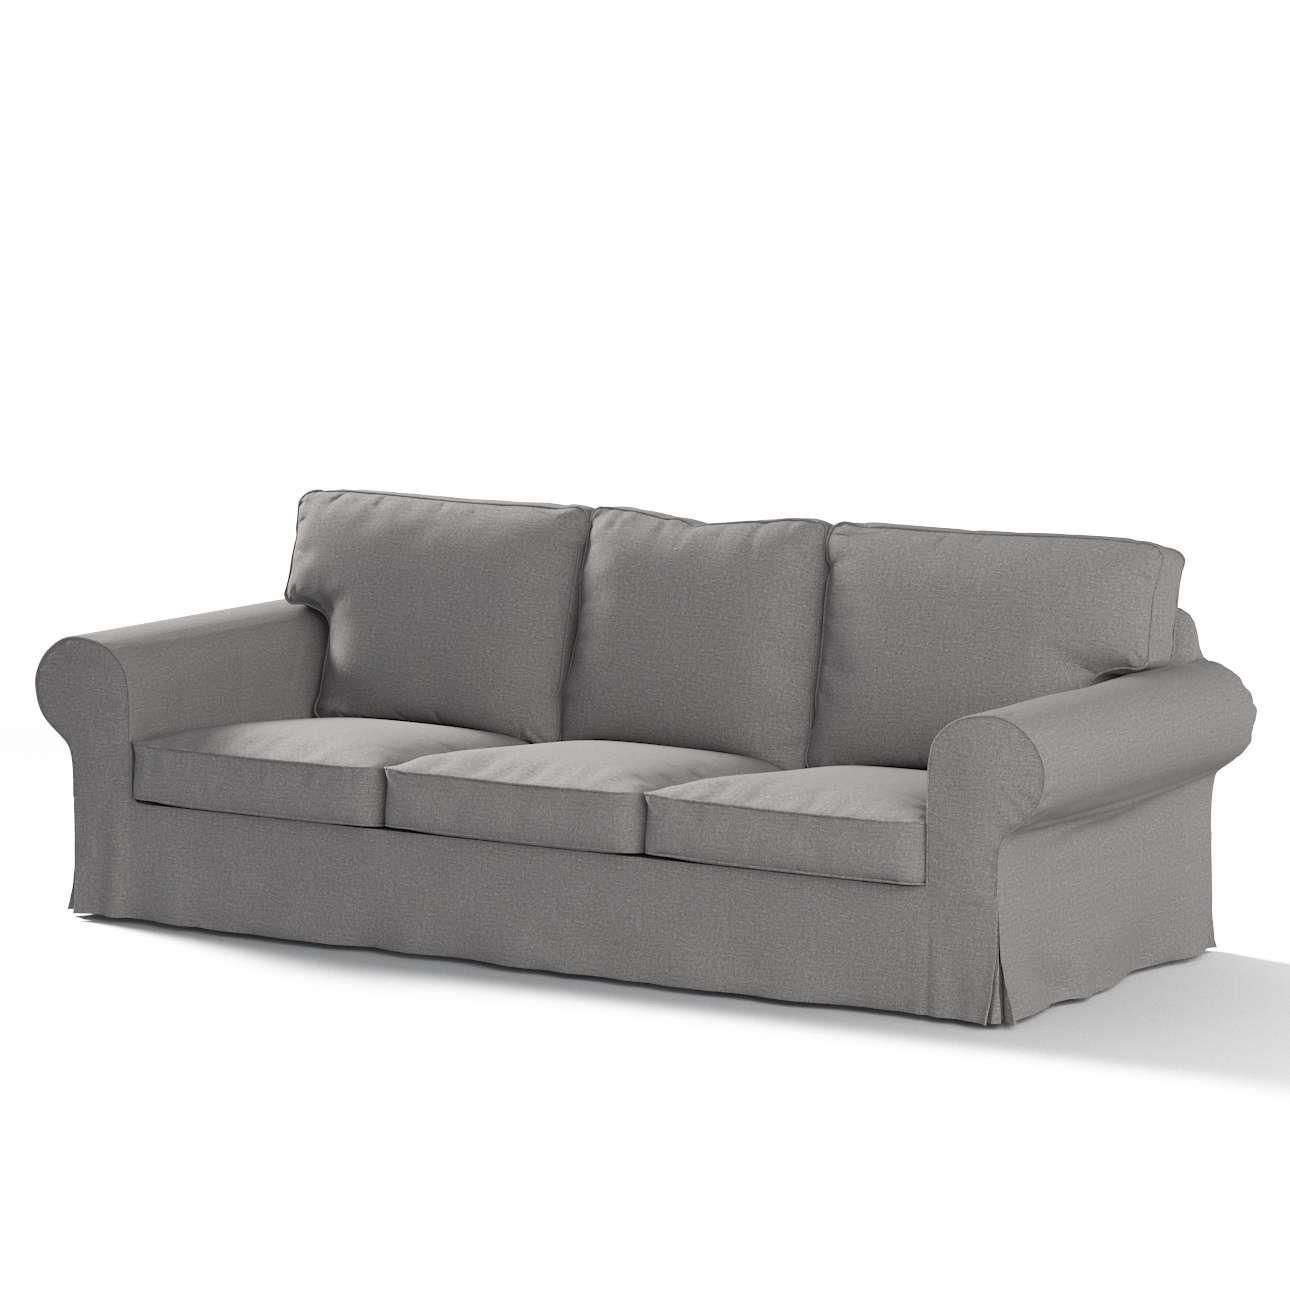 Ektorp trivietės sofos-lovos užvalkalas Ektorp trivietė sofa-lova kolekcijoje Edinburgh , audinys: 115-81